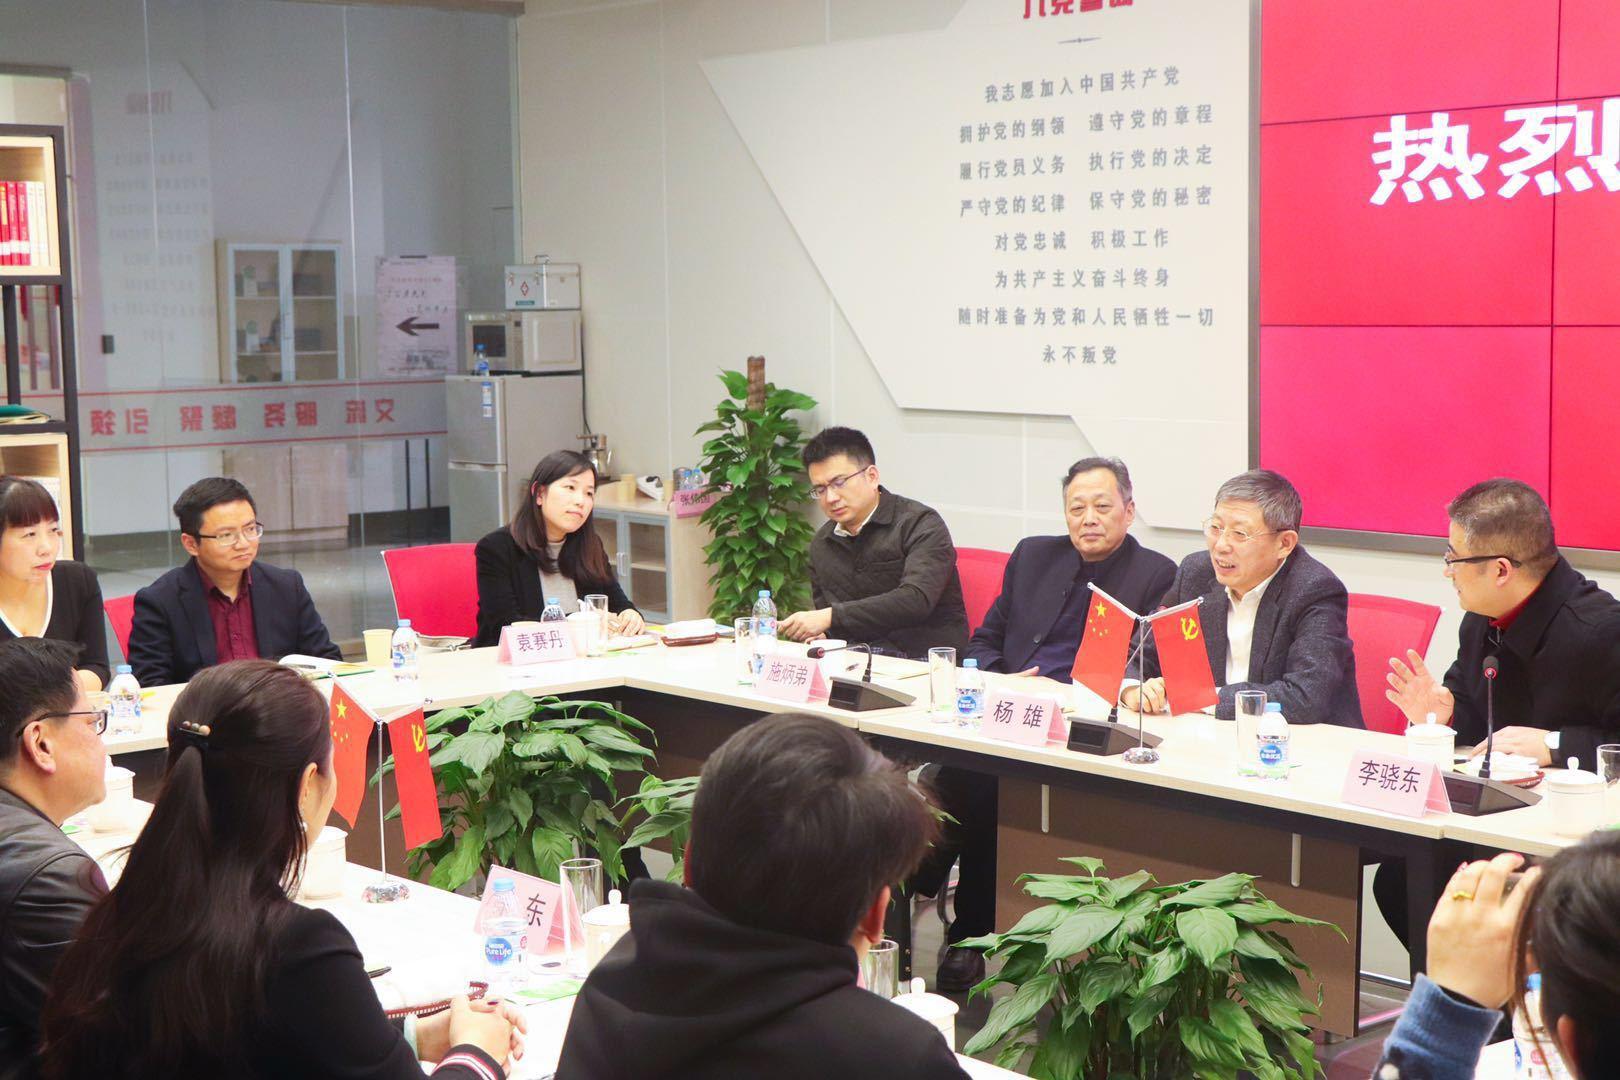 杨雄市长与同行到访者与Boolan CEO 李建忠共同探讨人工智能教育产业的发展